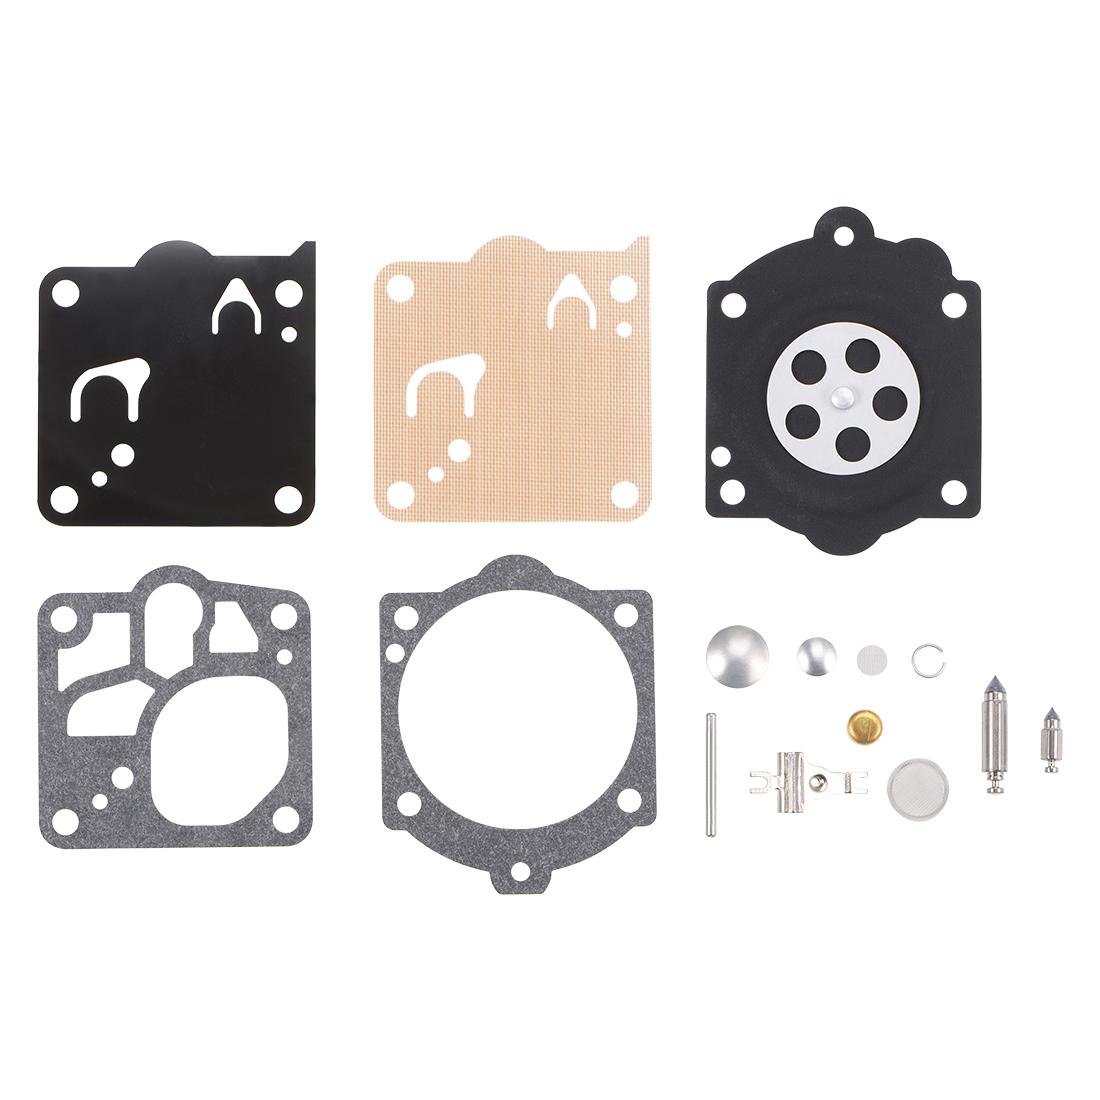 Carburetor Rebuild Kit Gasket Diaphragm for 3120XP for 3120 Engines 3 Pcs